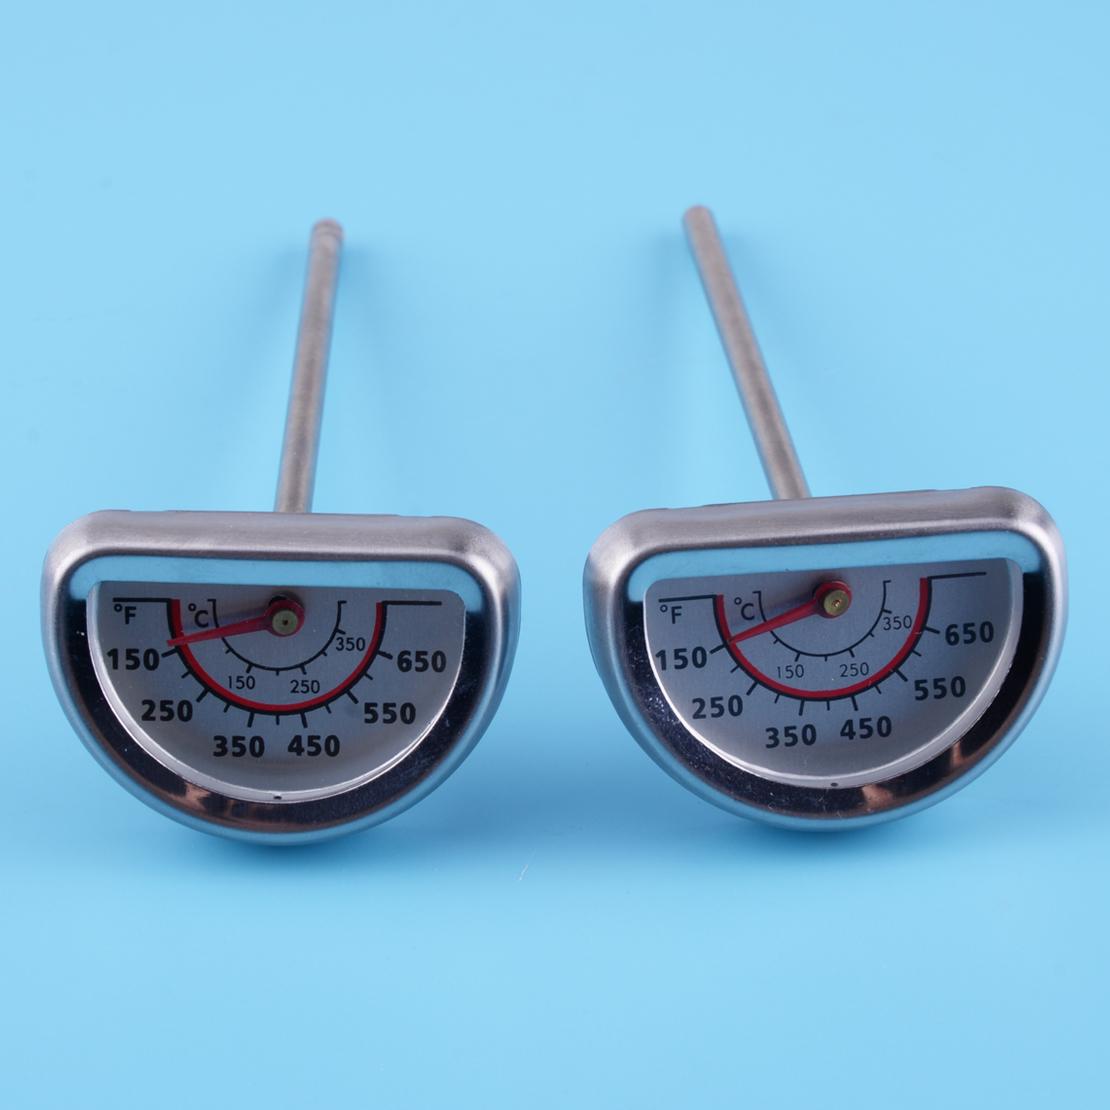 2 Stücke Ersatz Thermometer Wärmeanzeige für Charbroil Grill 463224912